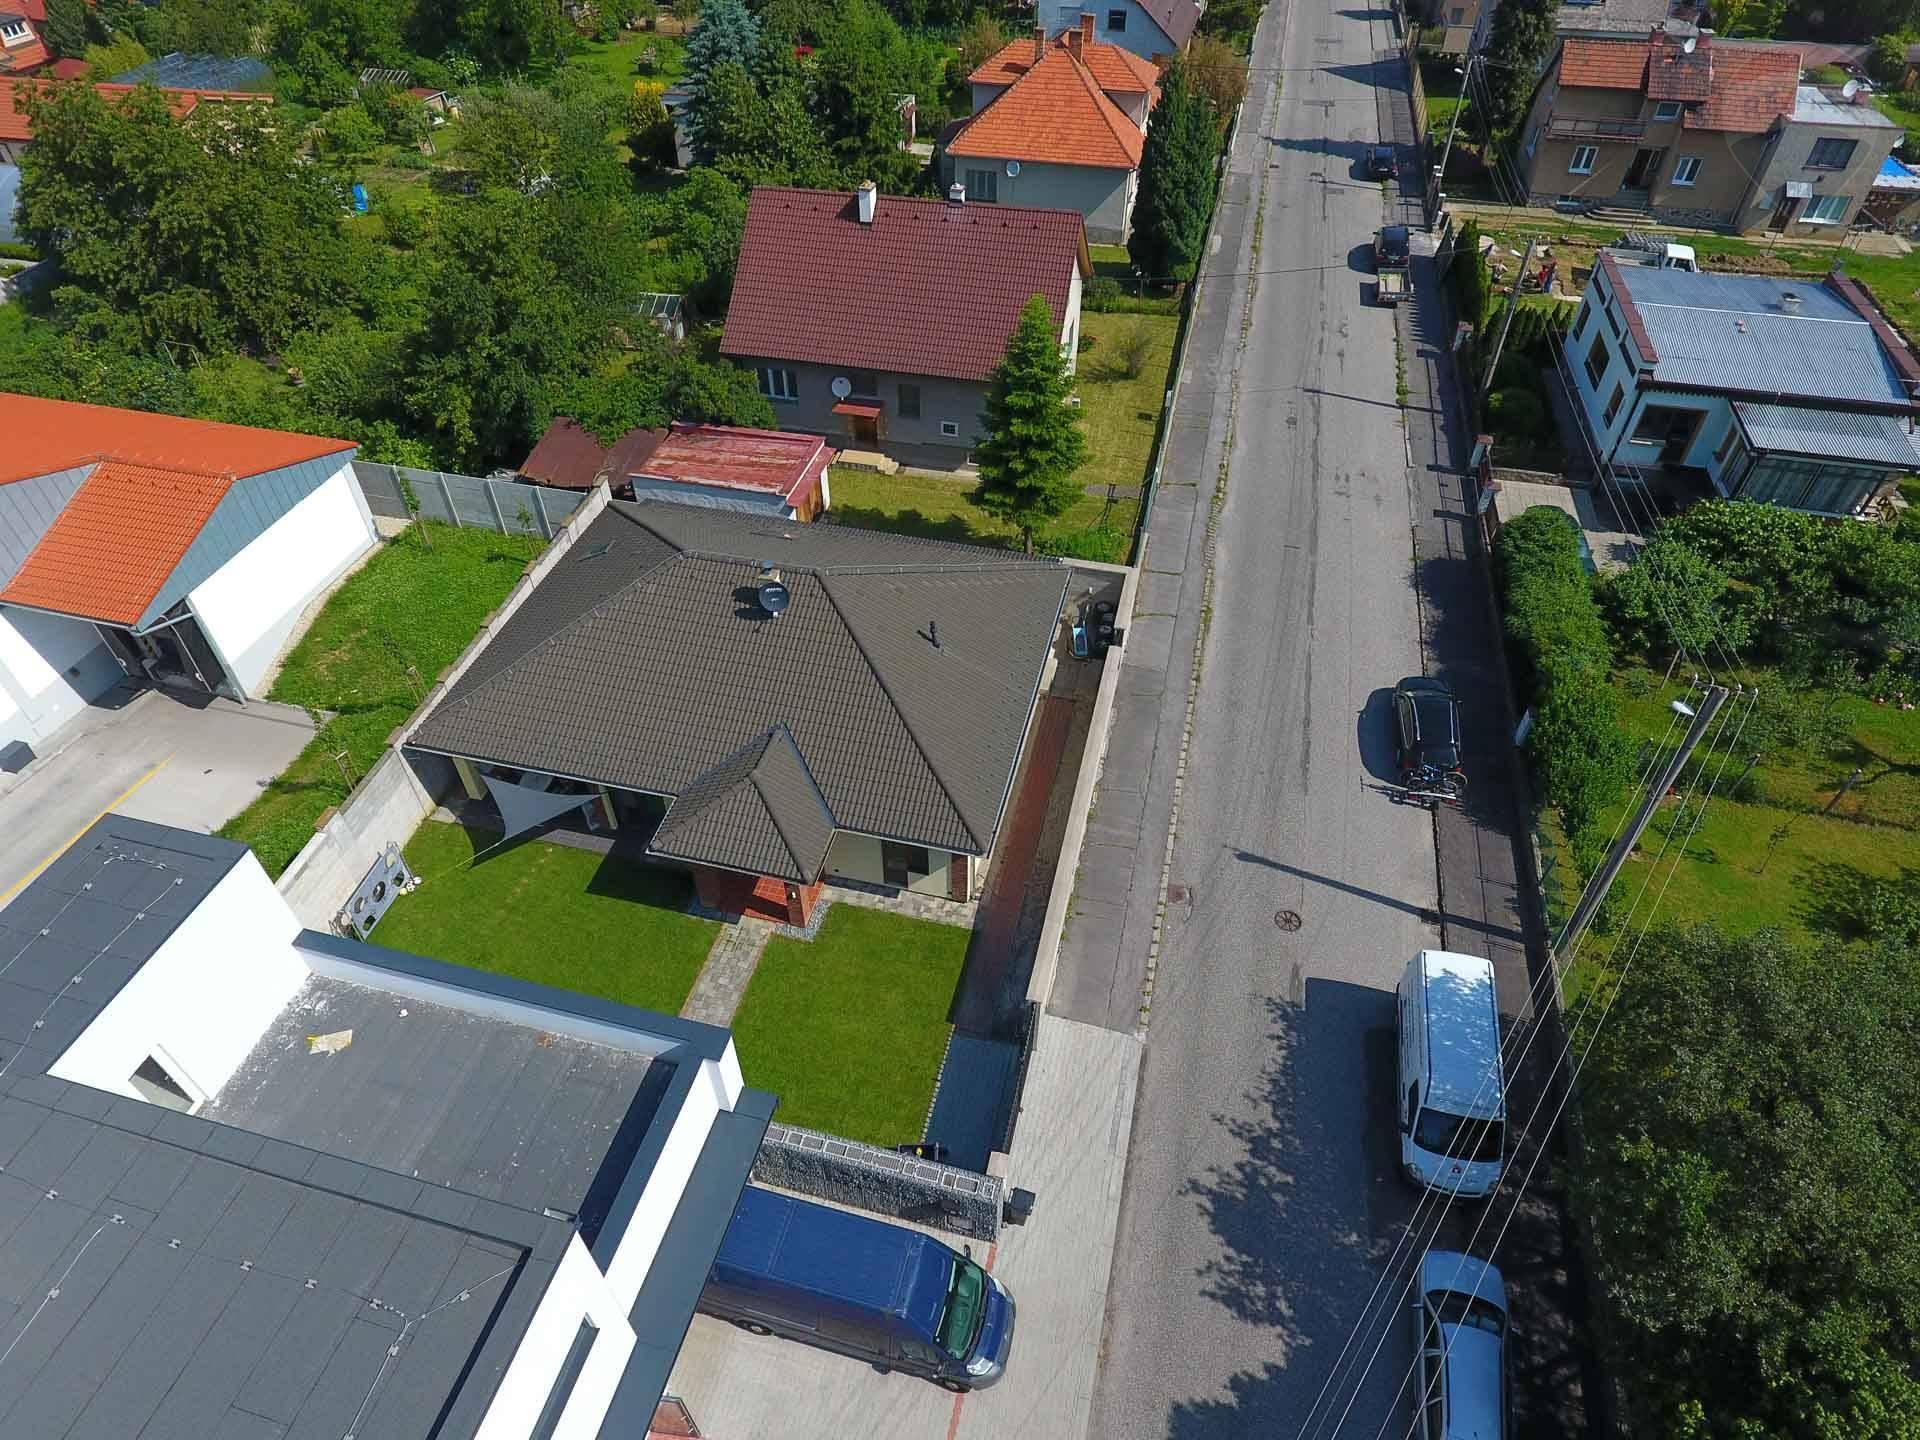 Rodinný dom na ul. Ľ. Štúra, širšie centrum  - vyhľadávaná lokalita mesta PRIEVIDZA